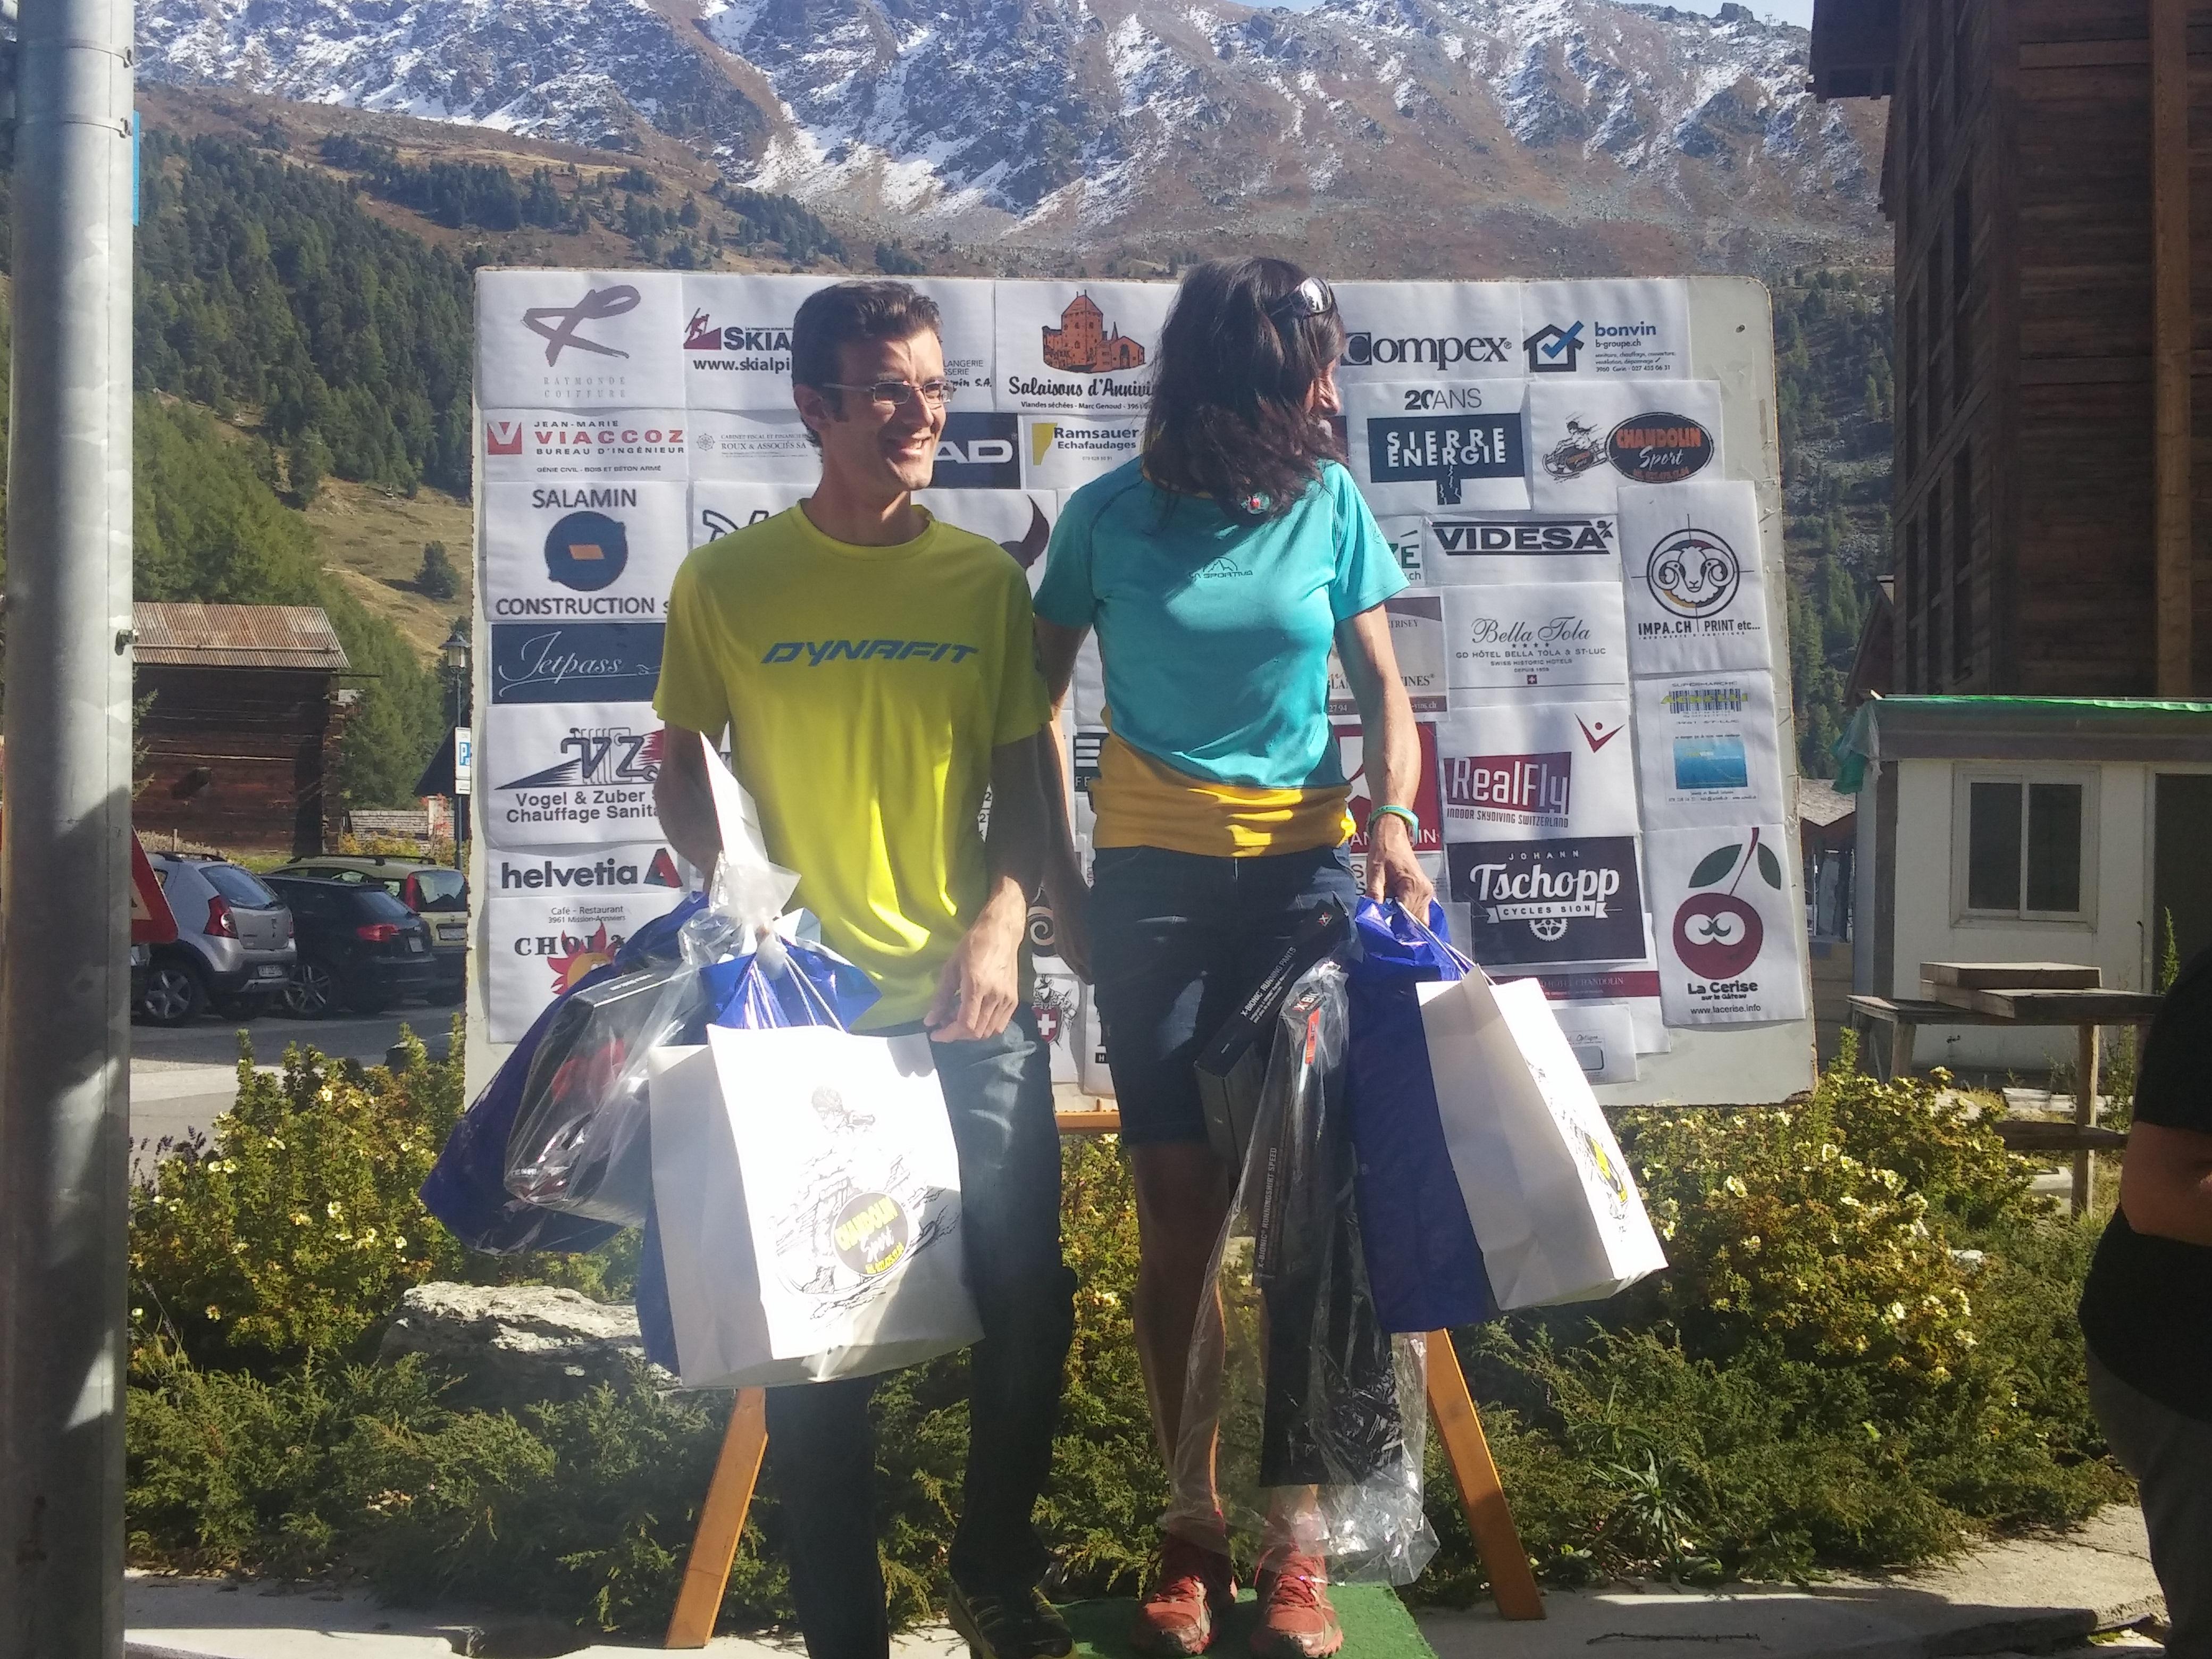 20150926 151852 Burst02 - Jean-François Philipot et Corinne Favre, vainqueurs de la 1ère K2 European Cup ! Les réactions en vidéo ! / 2015